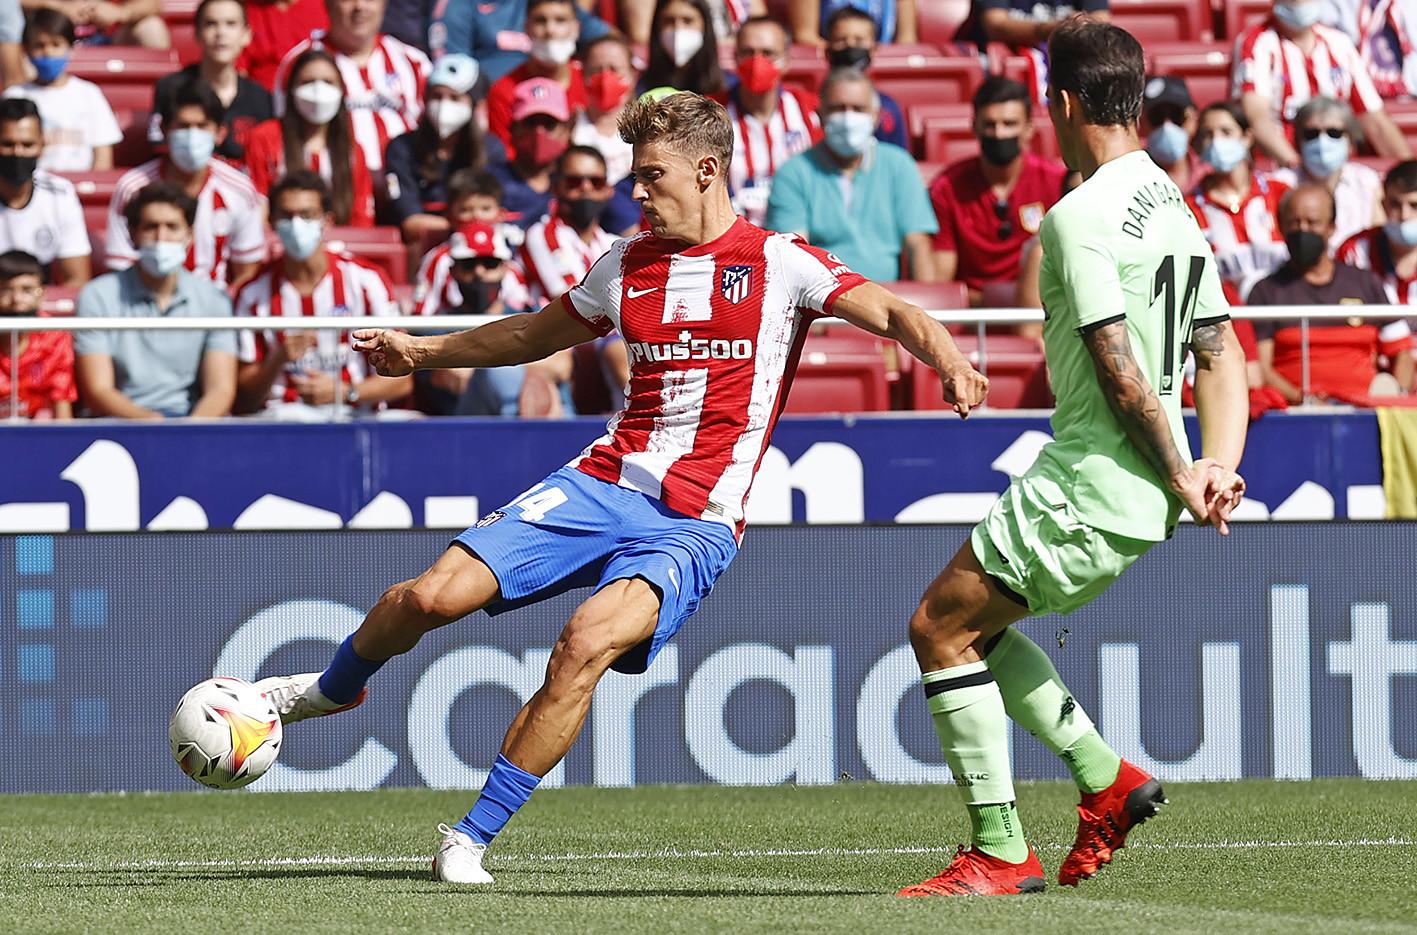 Atletico Madrid Sulit Meraih Kemenangan, Begini Dalih Diego Simeone - JPNN.com